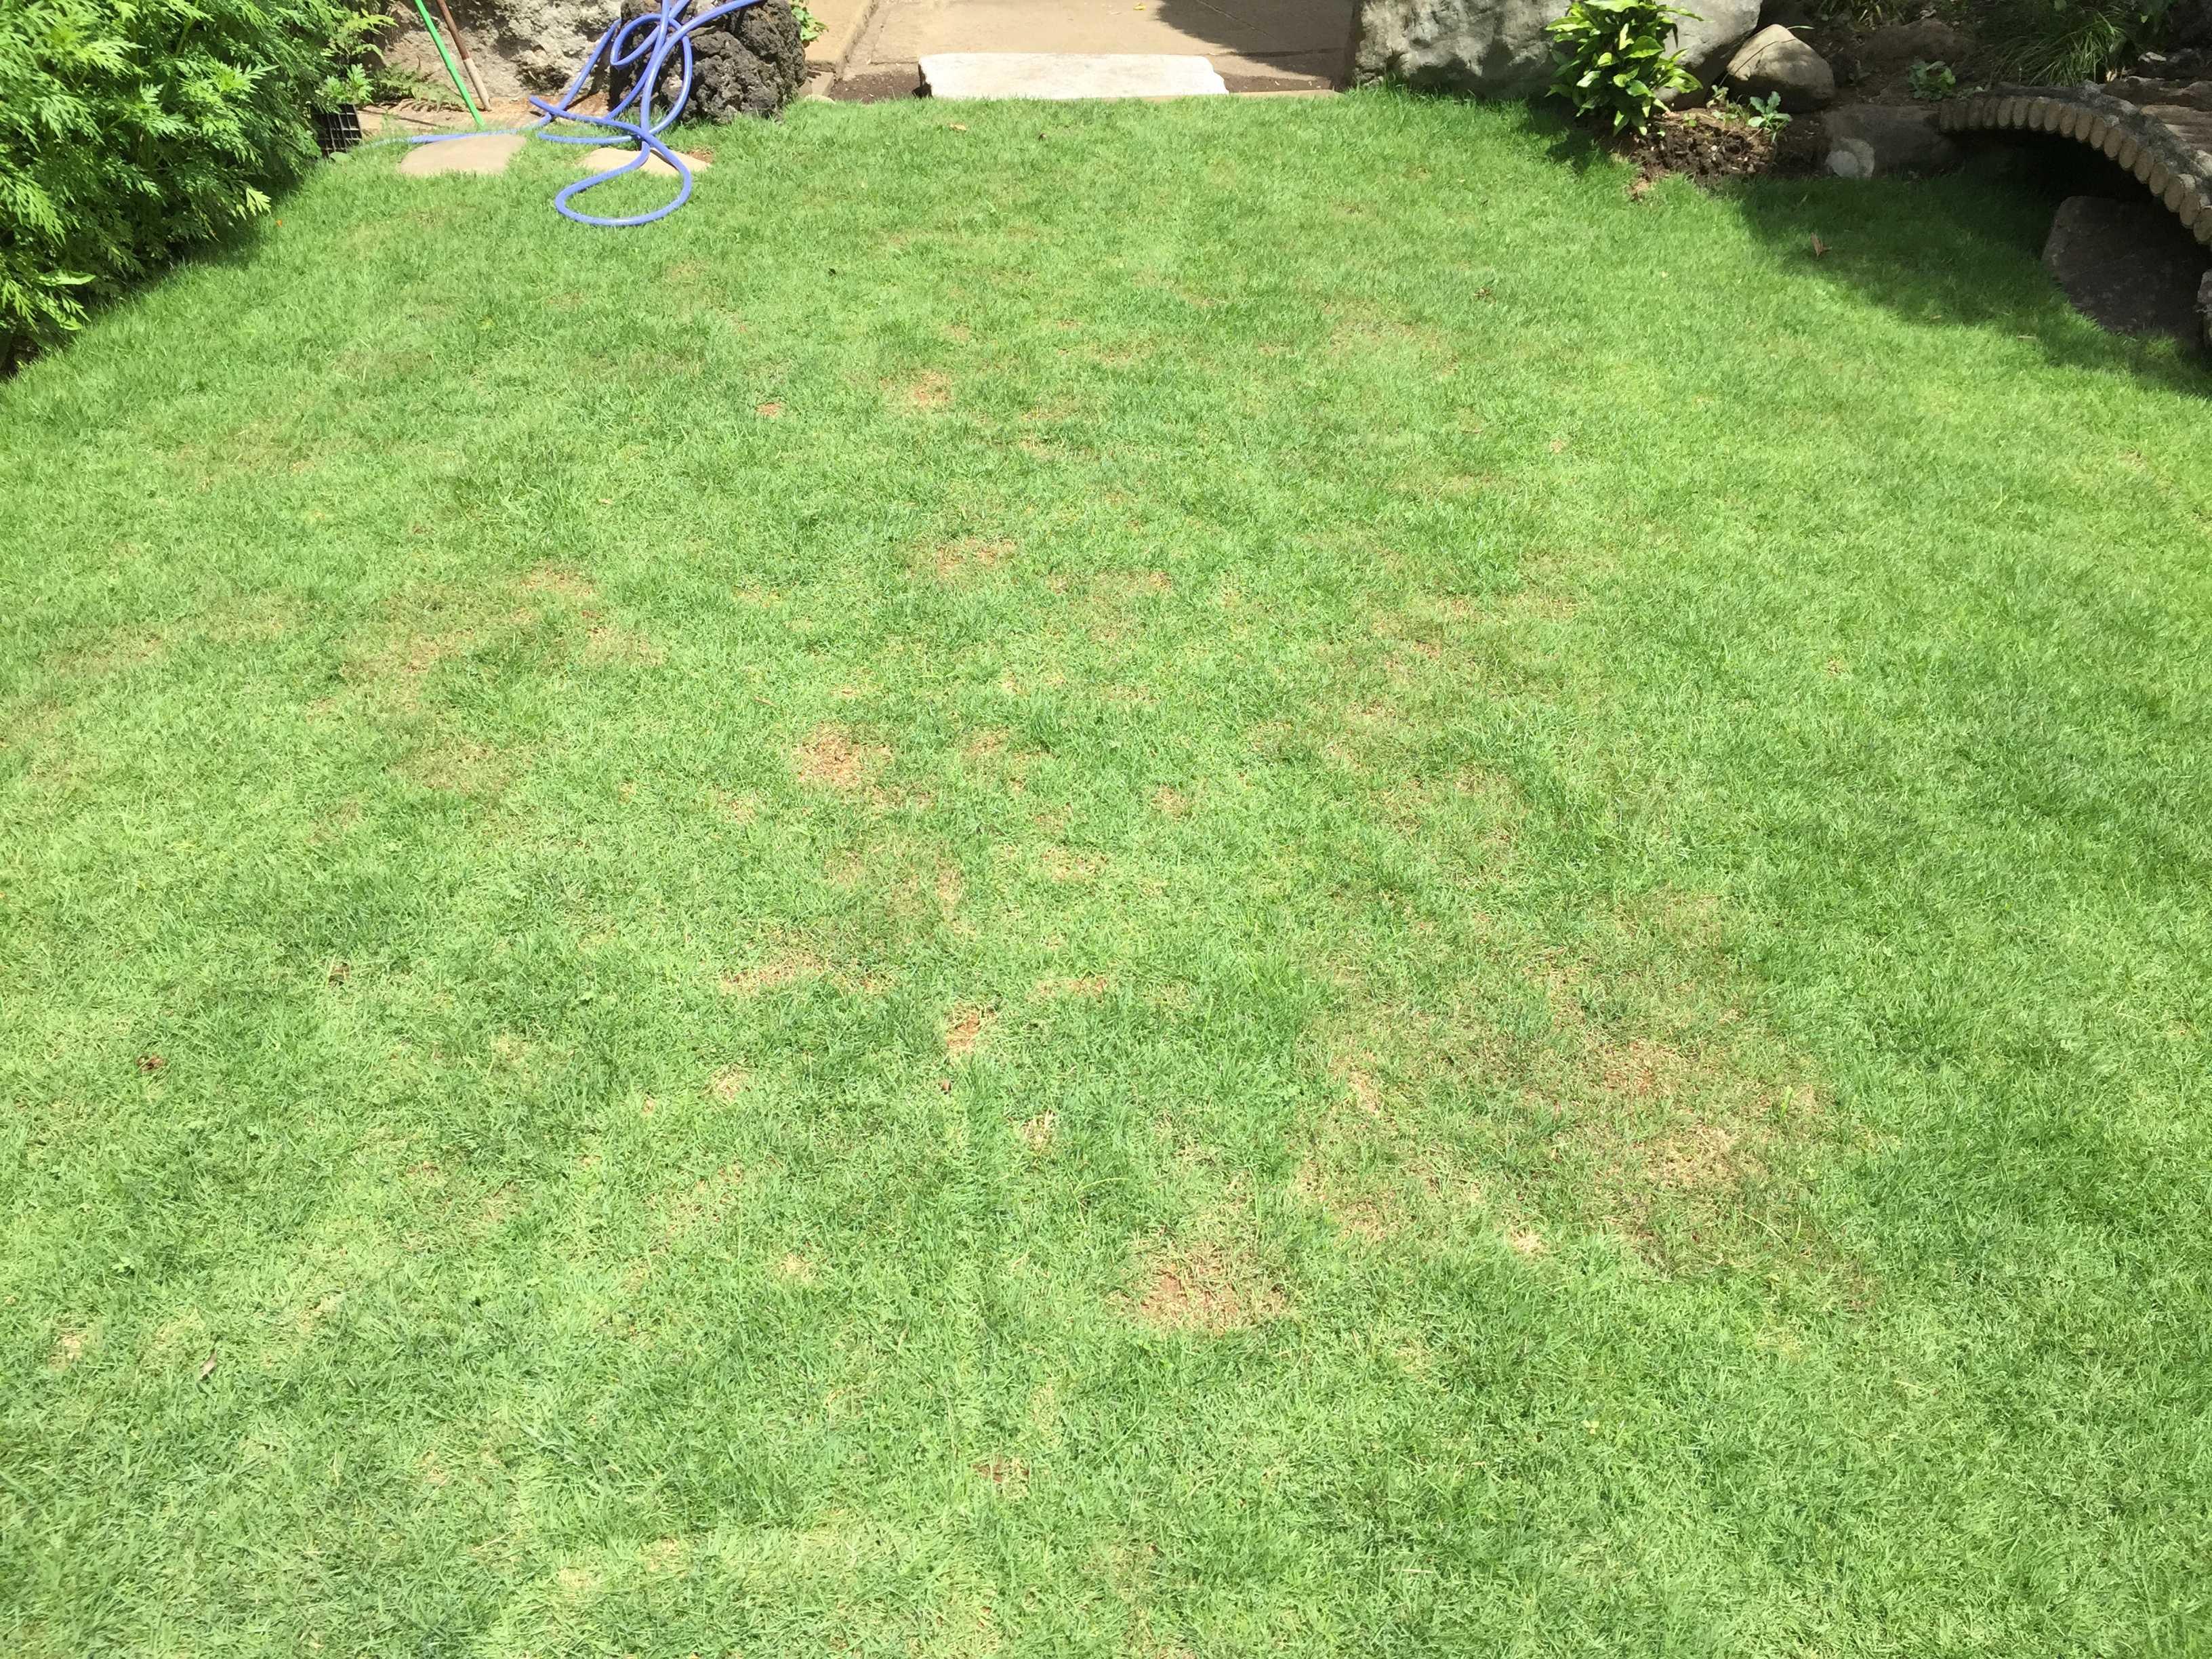 植え付け 2ヶ月後、一面緑になった TM9(ティーエムナイン)